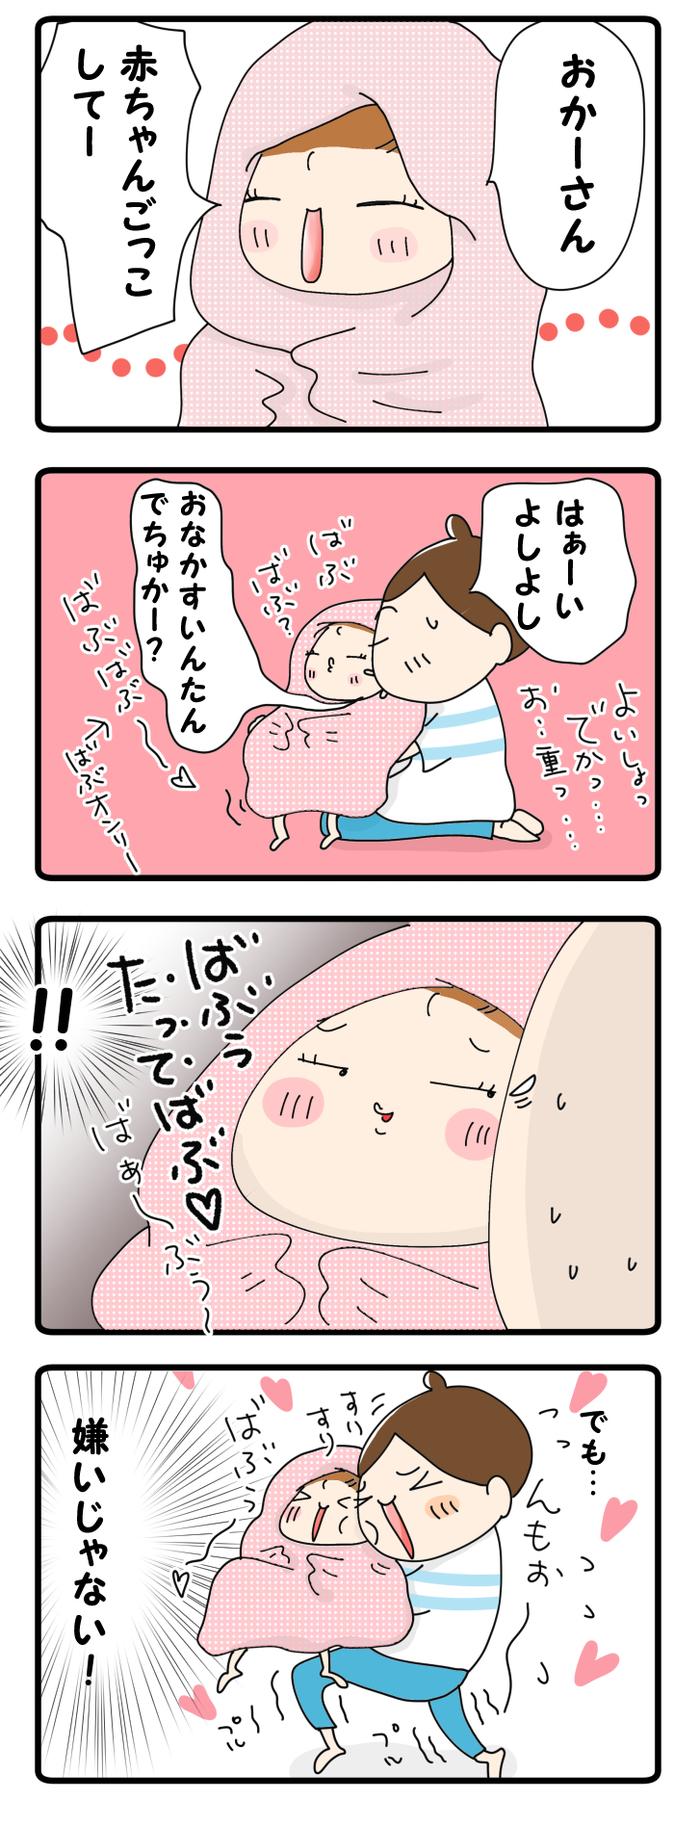 これって一種の赤ちゃん返り?バブバブ赤ちゃんごっこ!~前編~【No.31】おじゃったもんせ双子の画像1